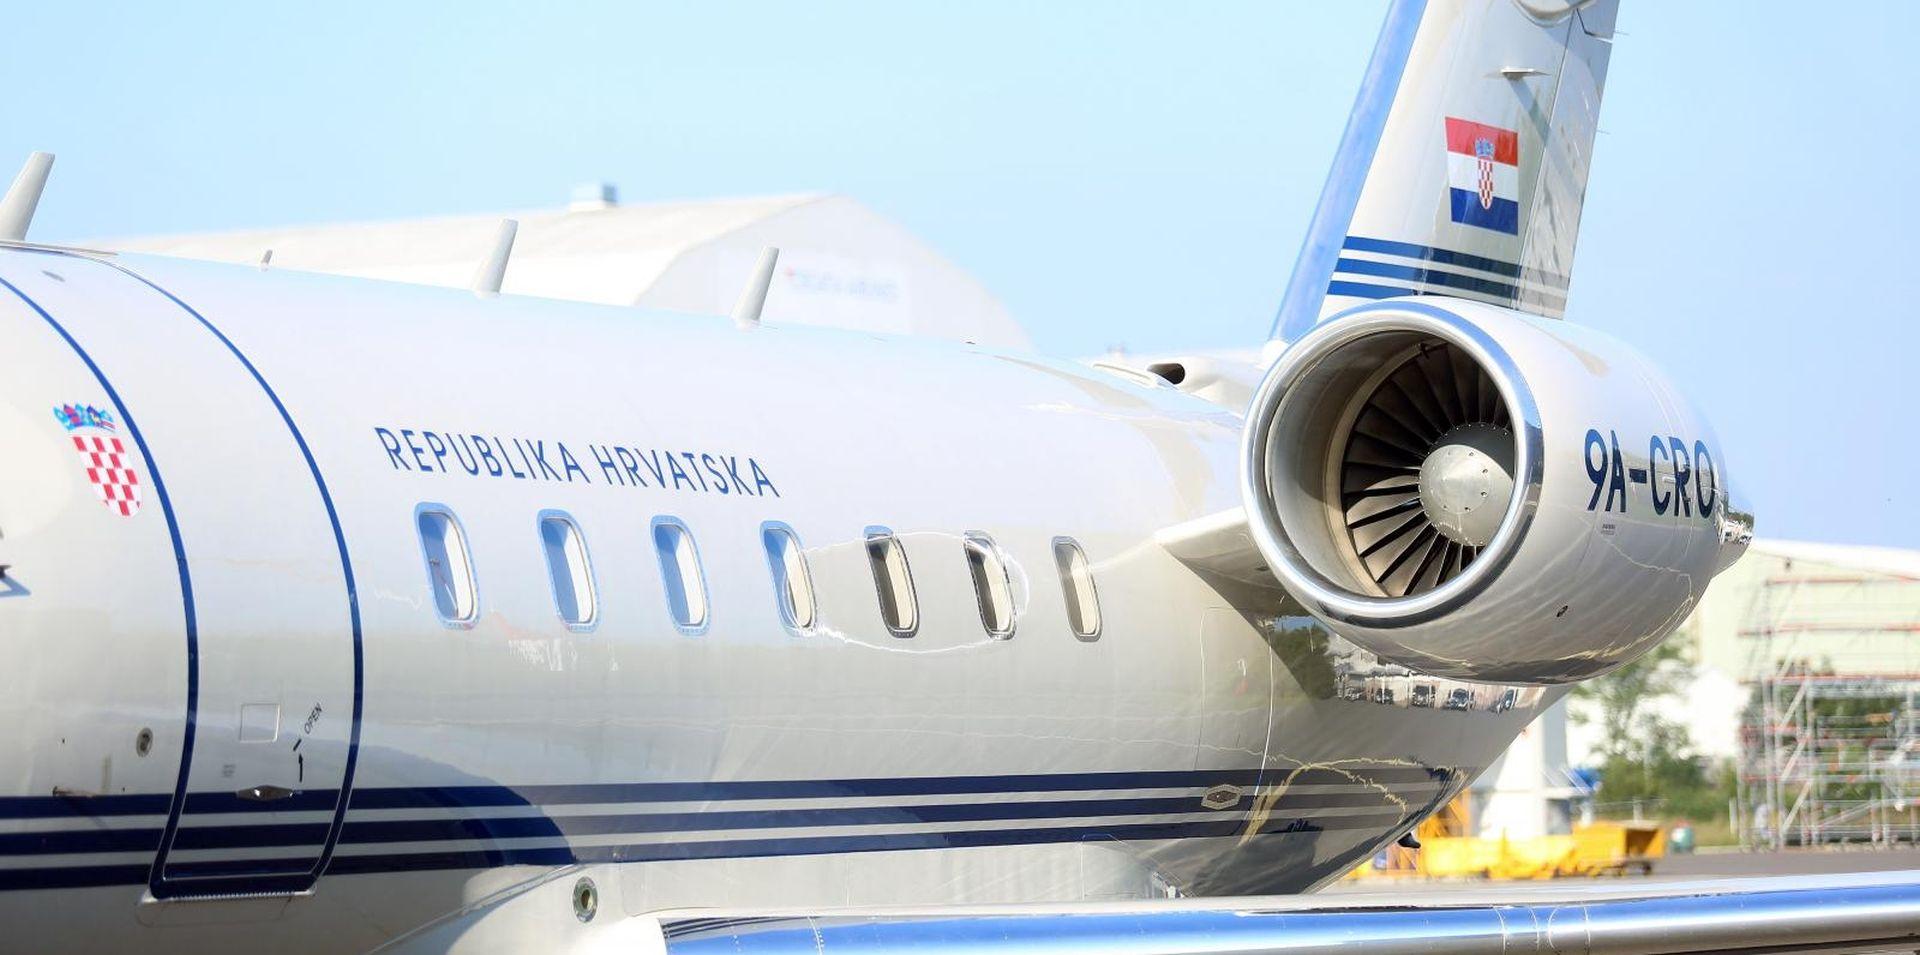 Vladinim zrakoplovom hitno prevezli novorođenče iz Dubrovnika u Zagreb